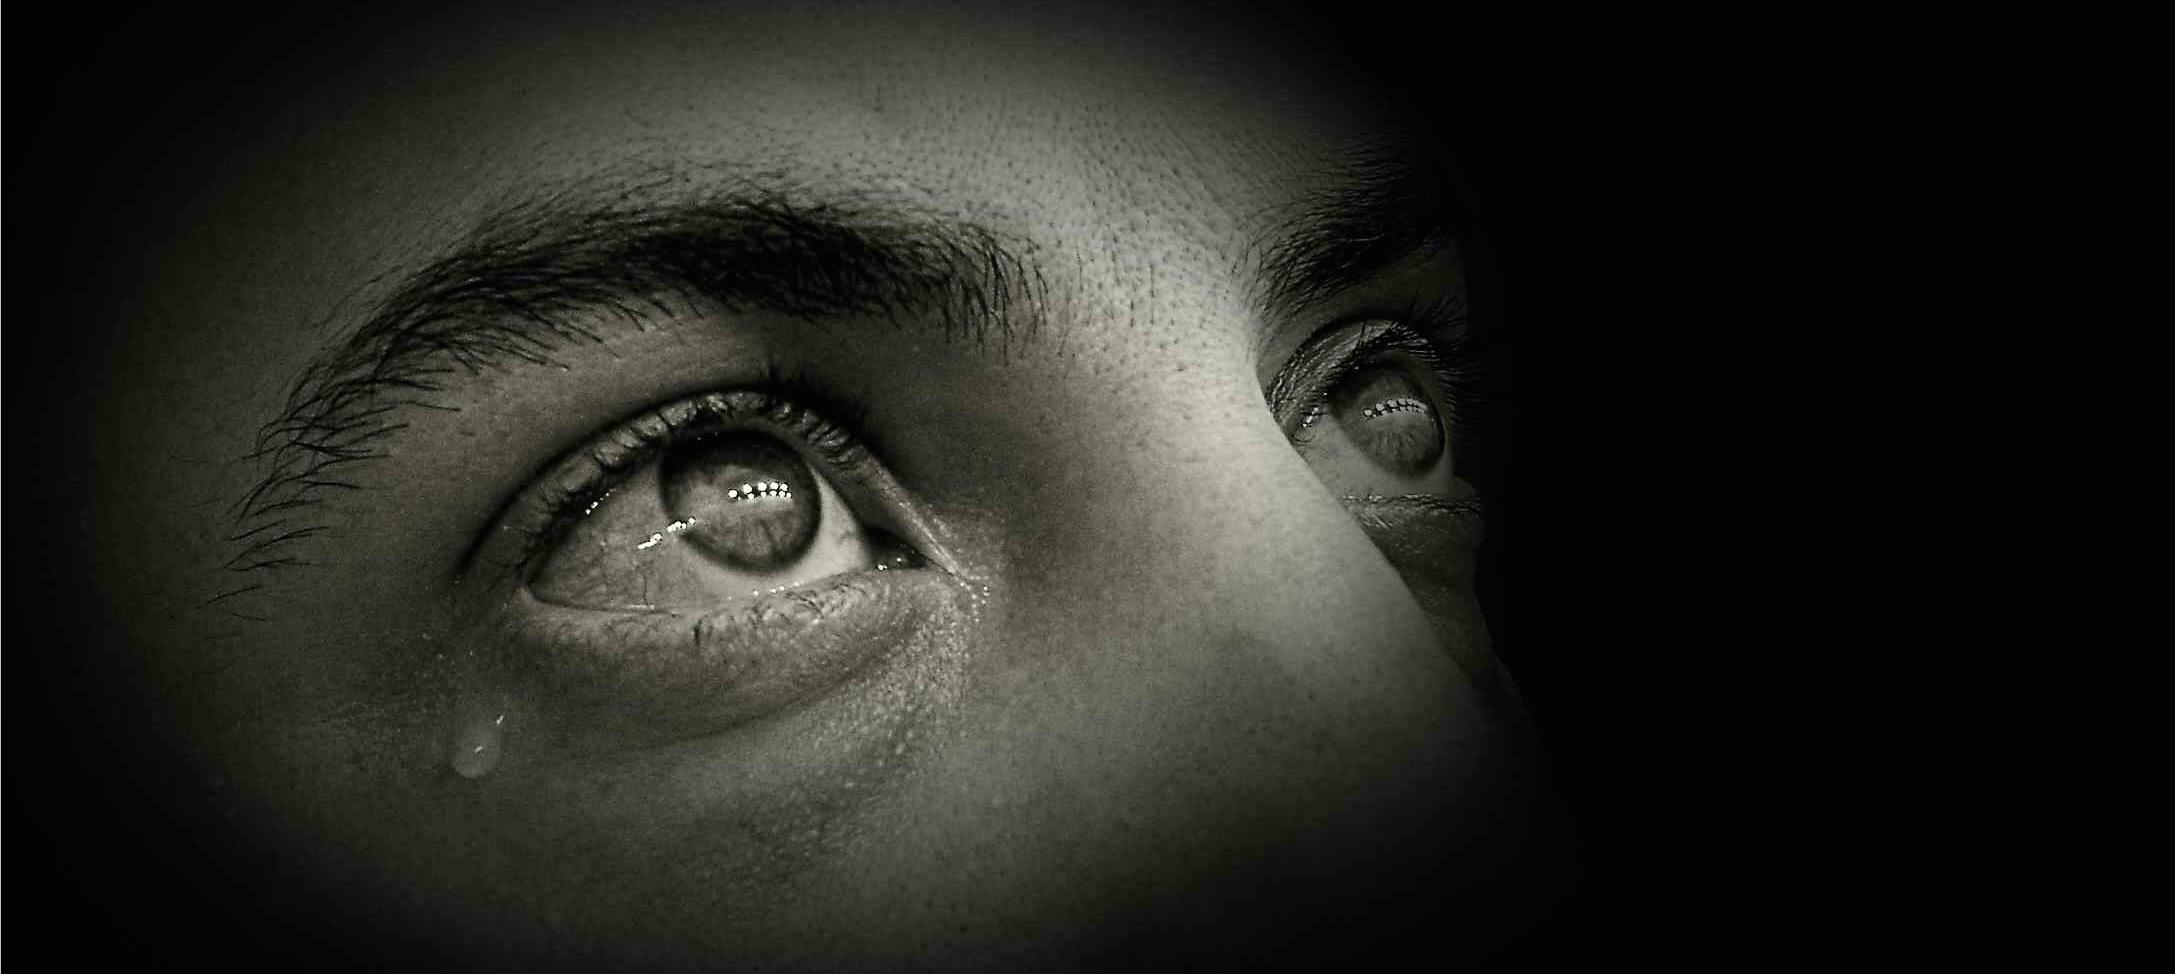 Hipnoterápia Borderline személyiségekkel: A hipnózis, mint a szabályozott regresszió eszköze a terápiás kapcsolatban.  Esszé